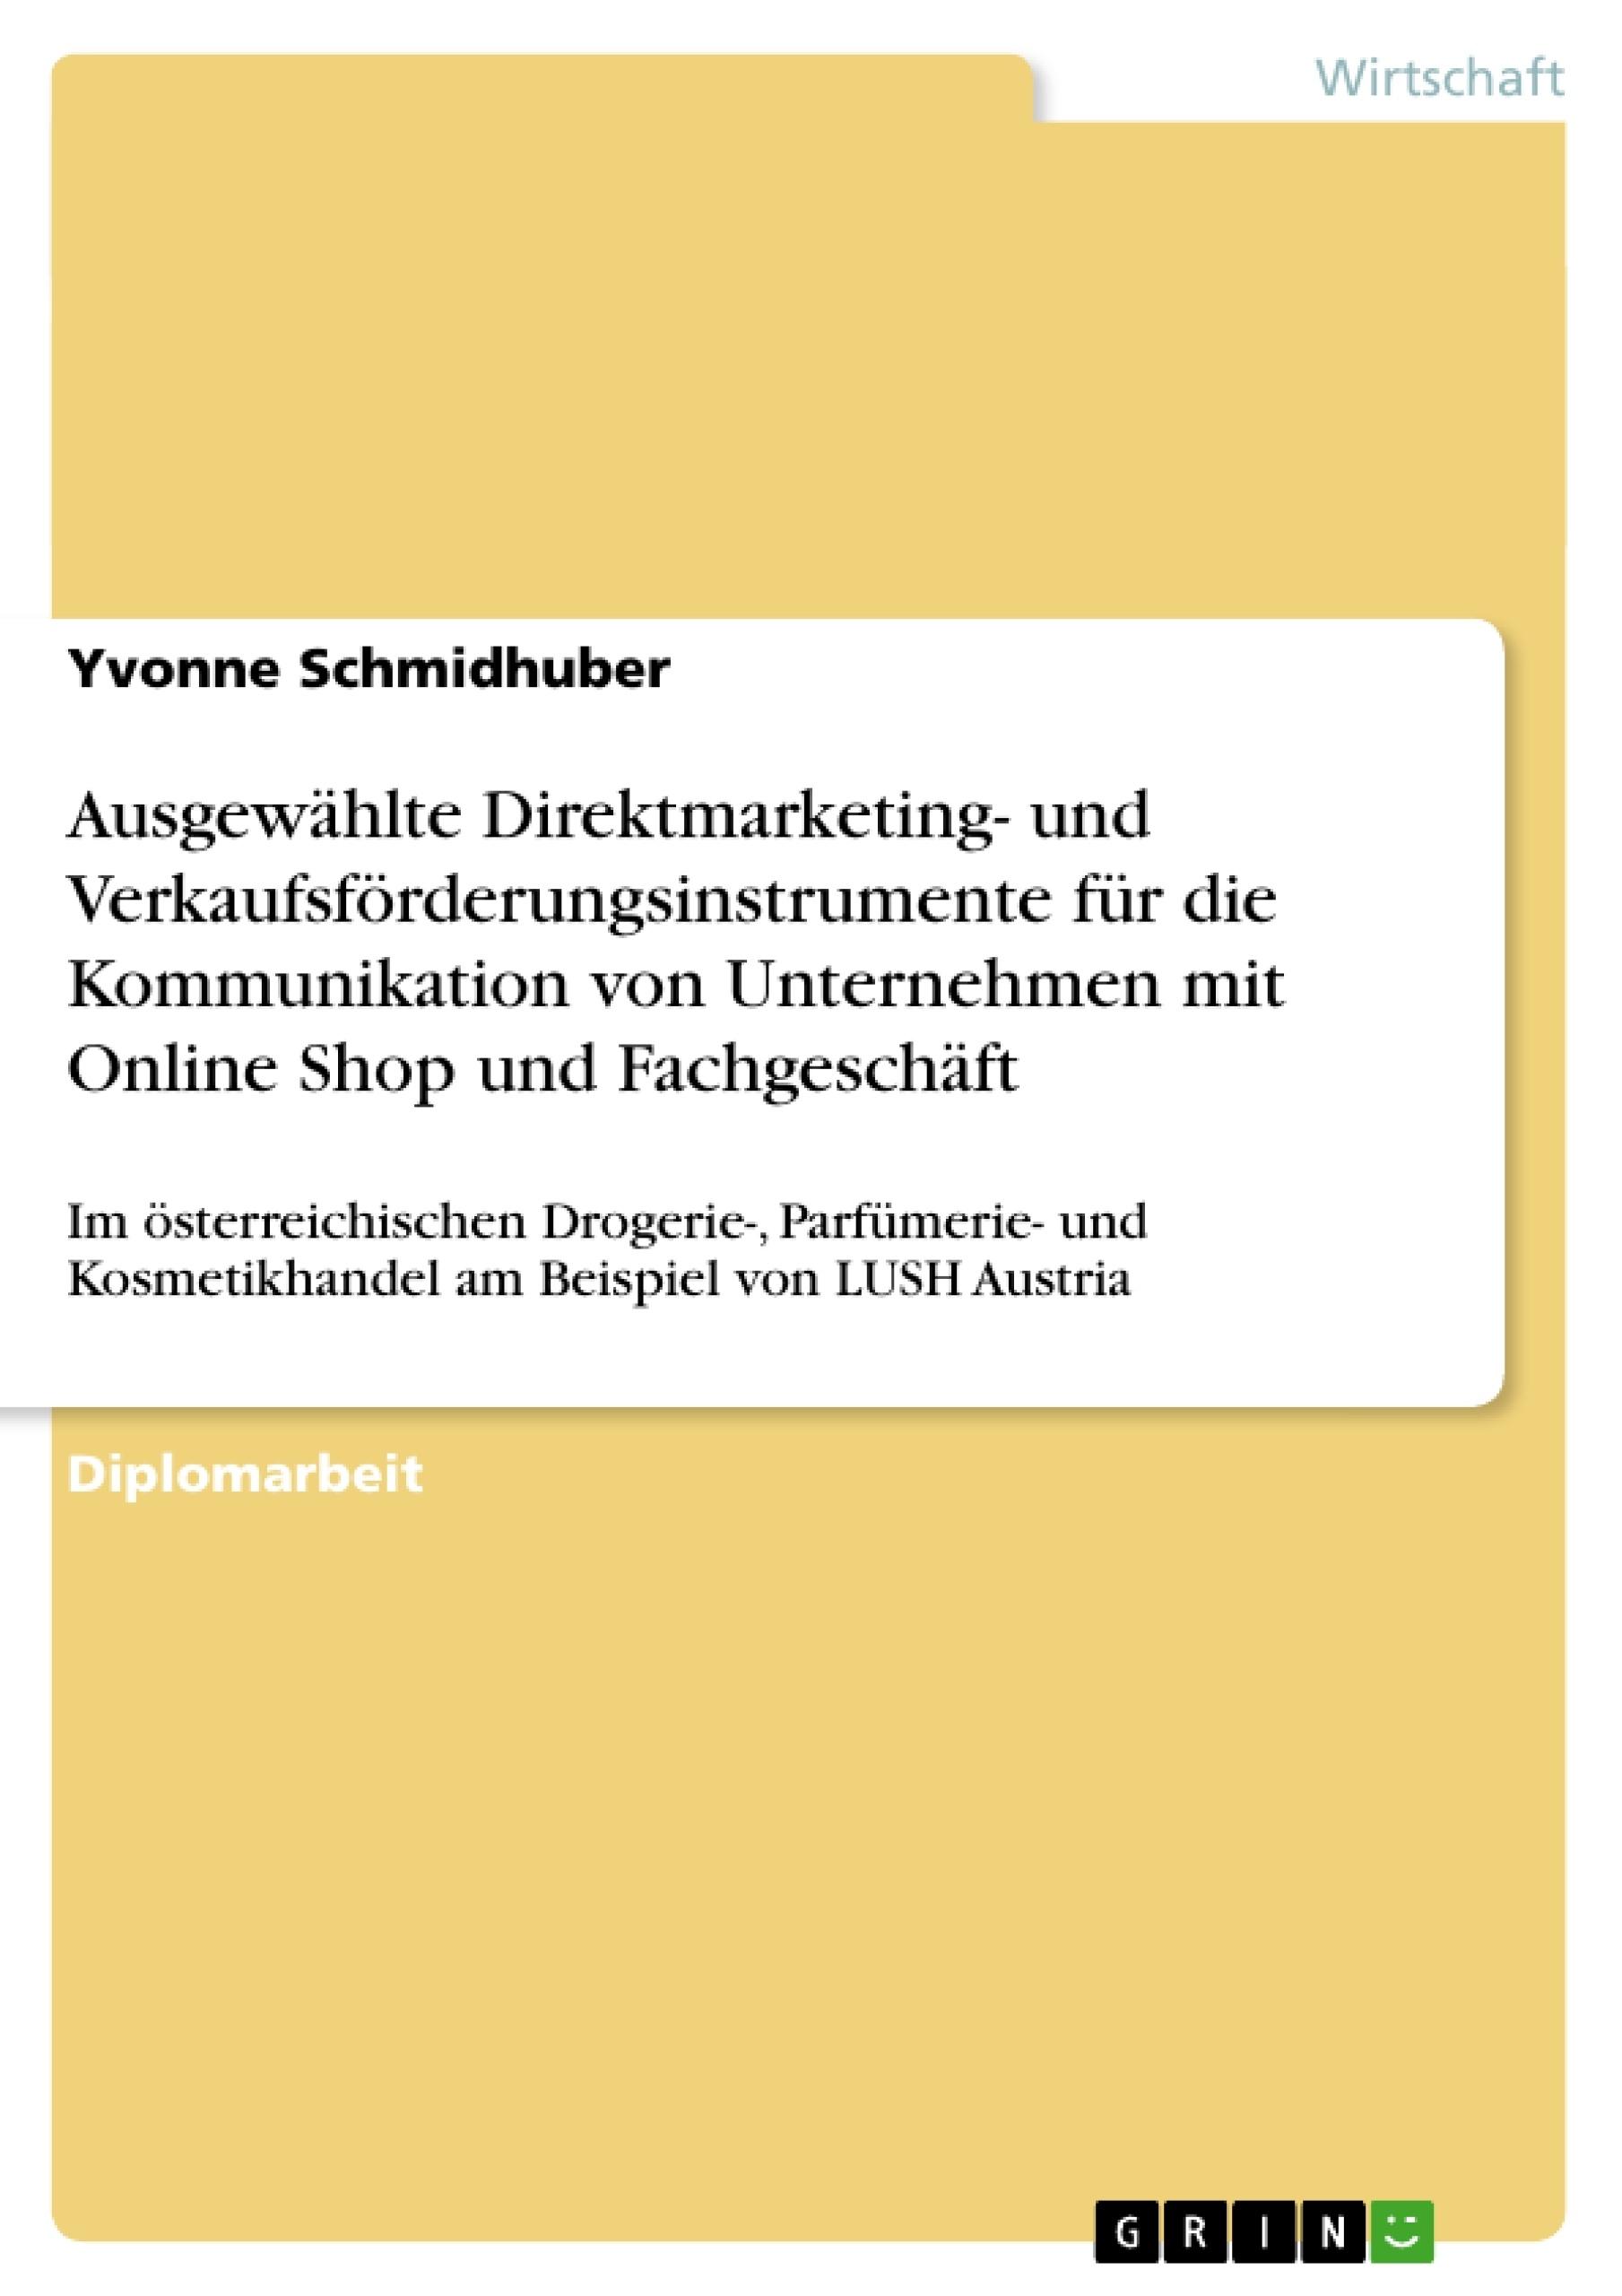 Titel: Ausgewählte Direktmarketing- und Verkaufsförderungsinstrumente für die Kommunikation von Unternehmen mit Online Shop und Fachgeschäft